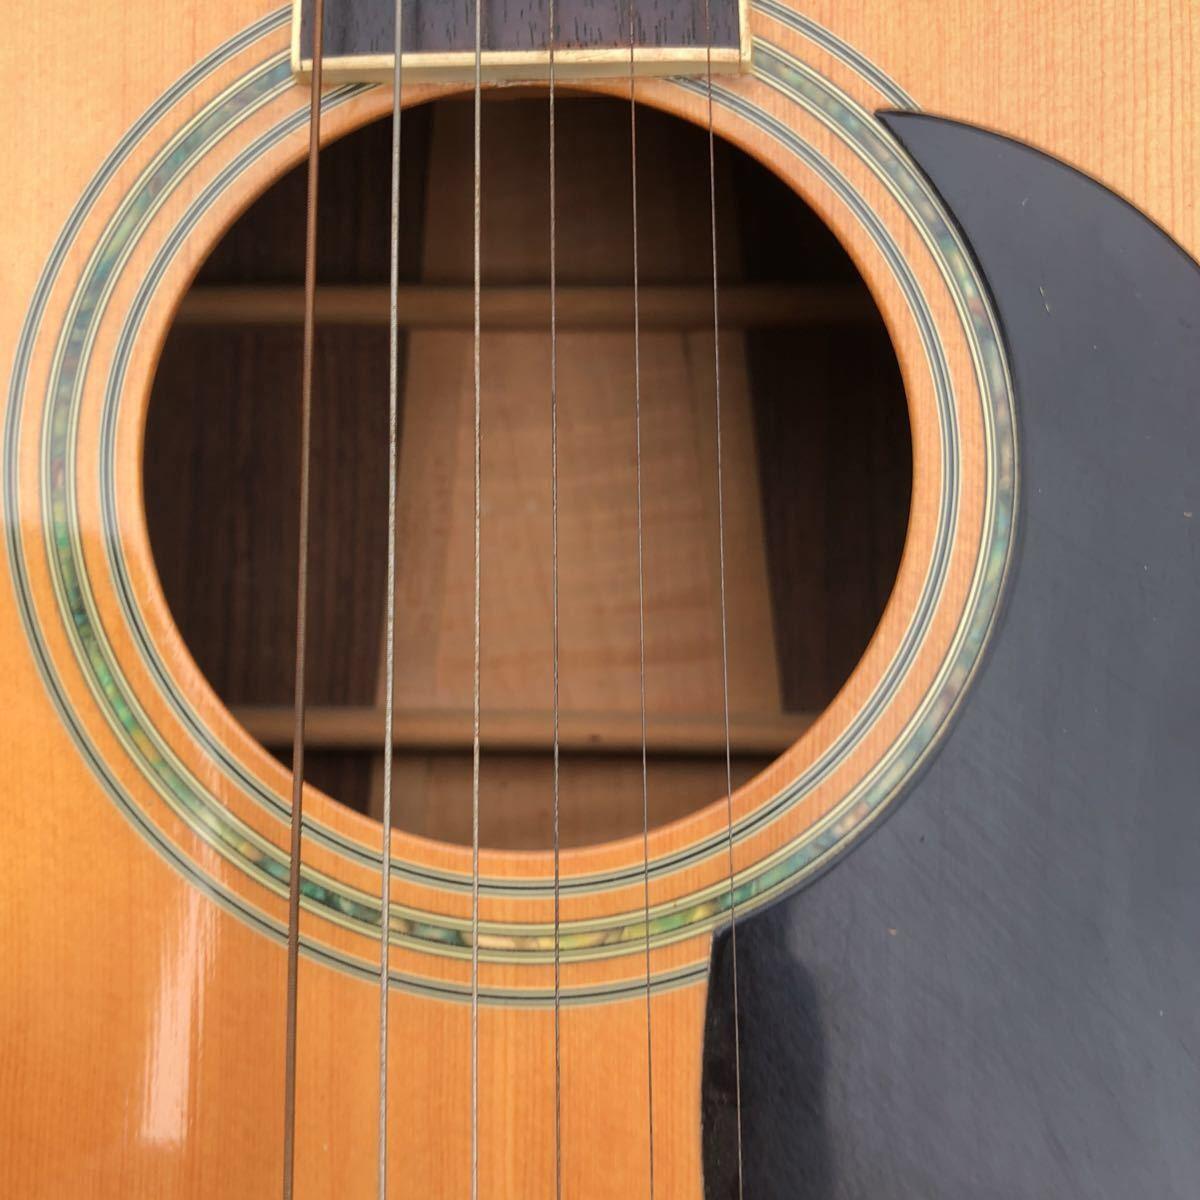 MORRIS スペシャル w50 ギター ハードケース付き _画像2